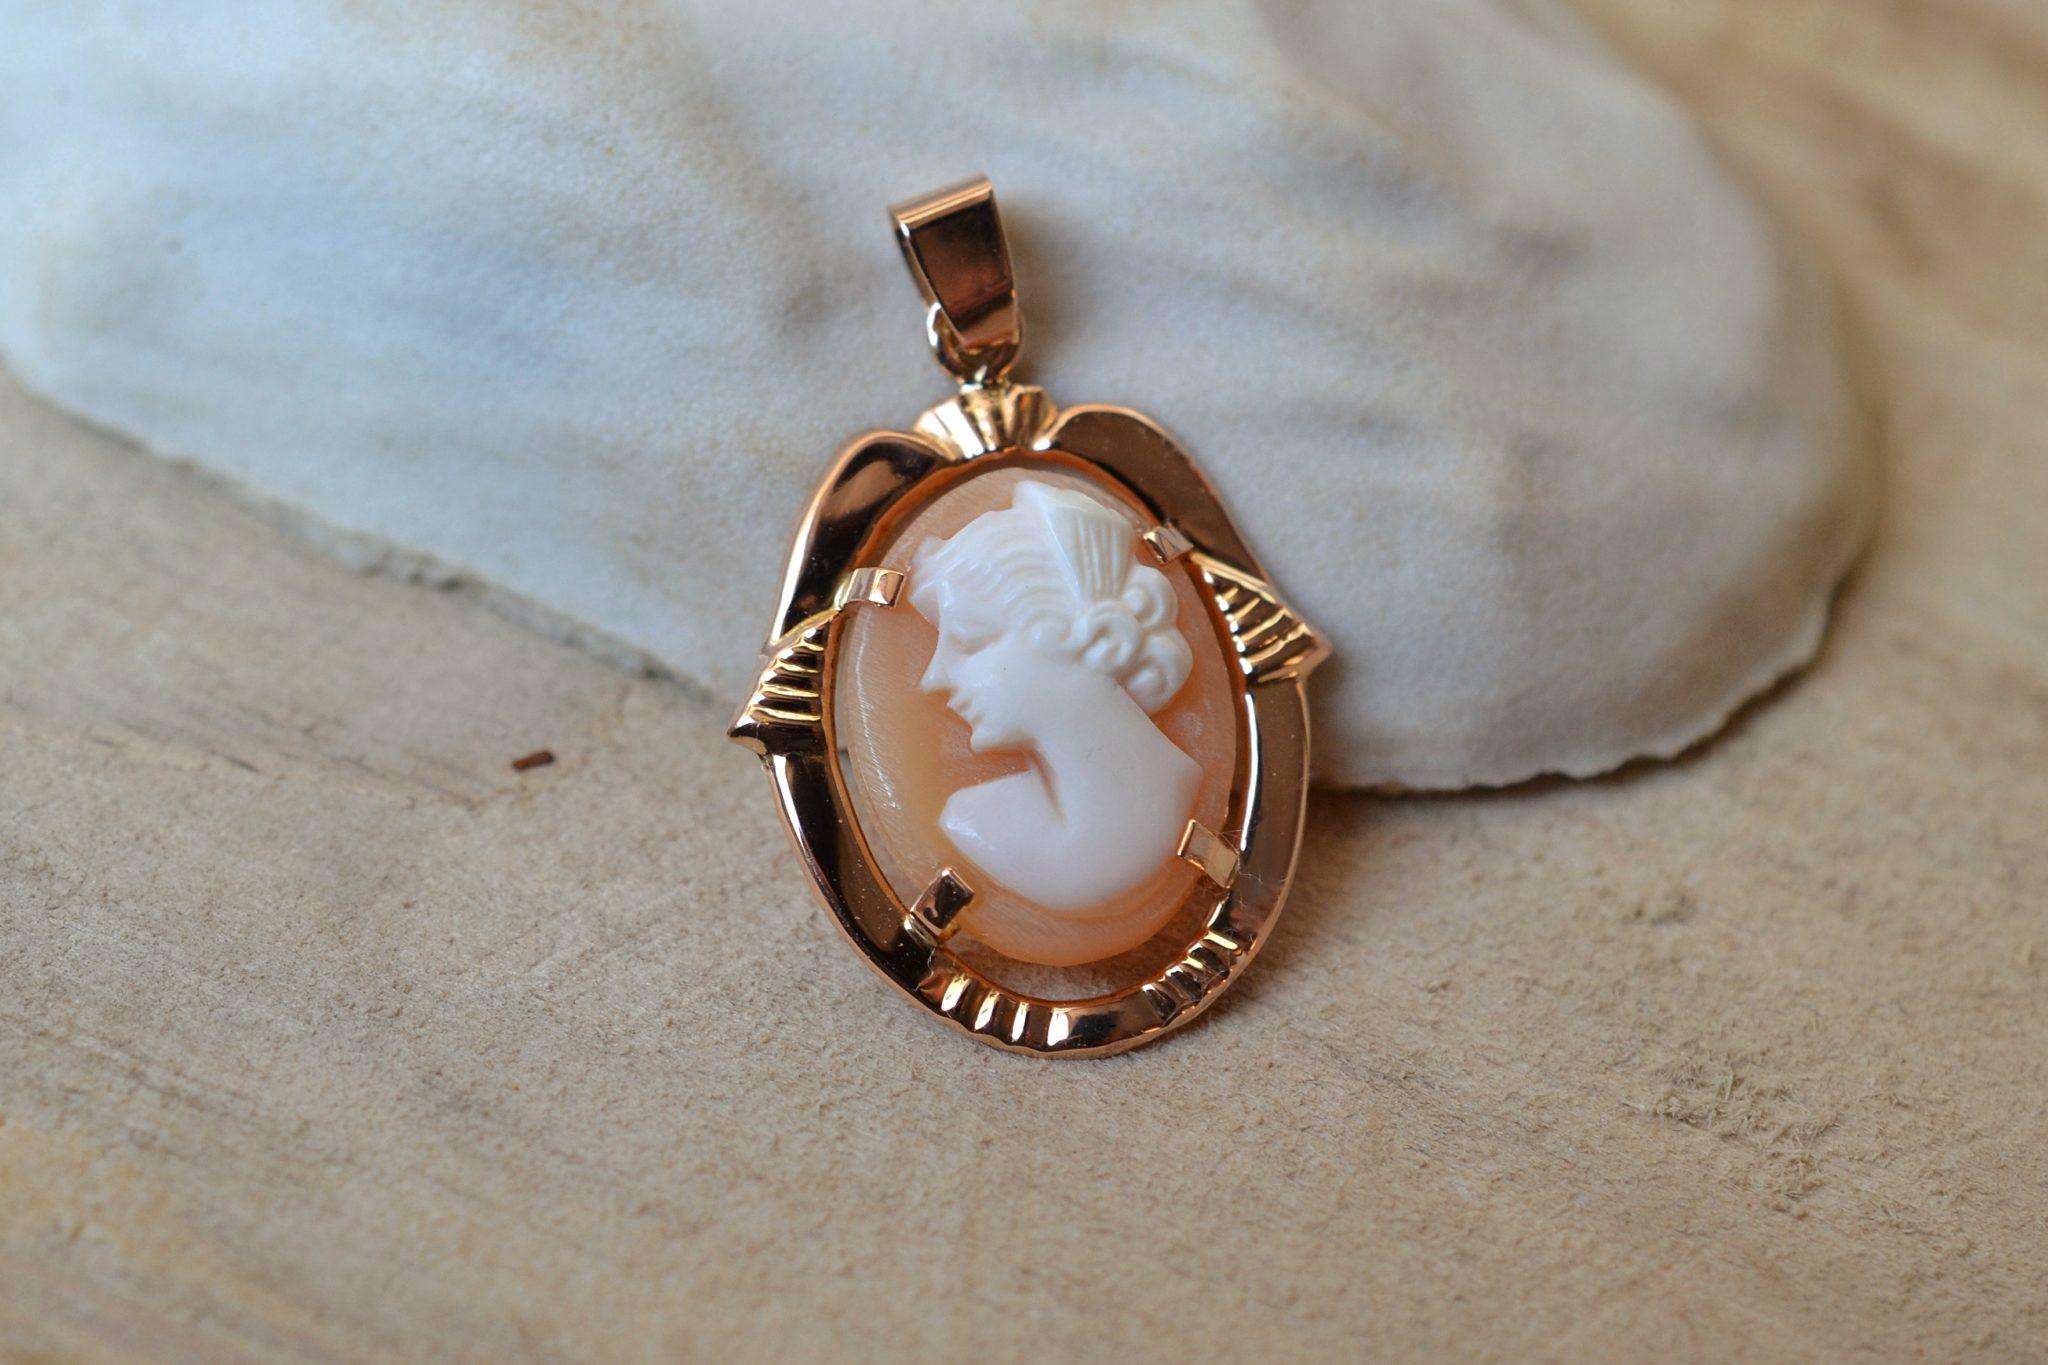 Pendentif ovale en Or jaune ciselé garni d_un camée, XXe - bijou ancien